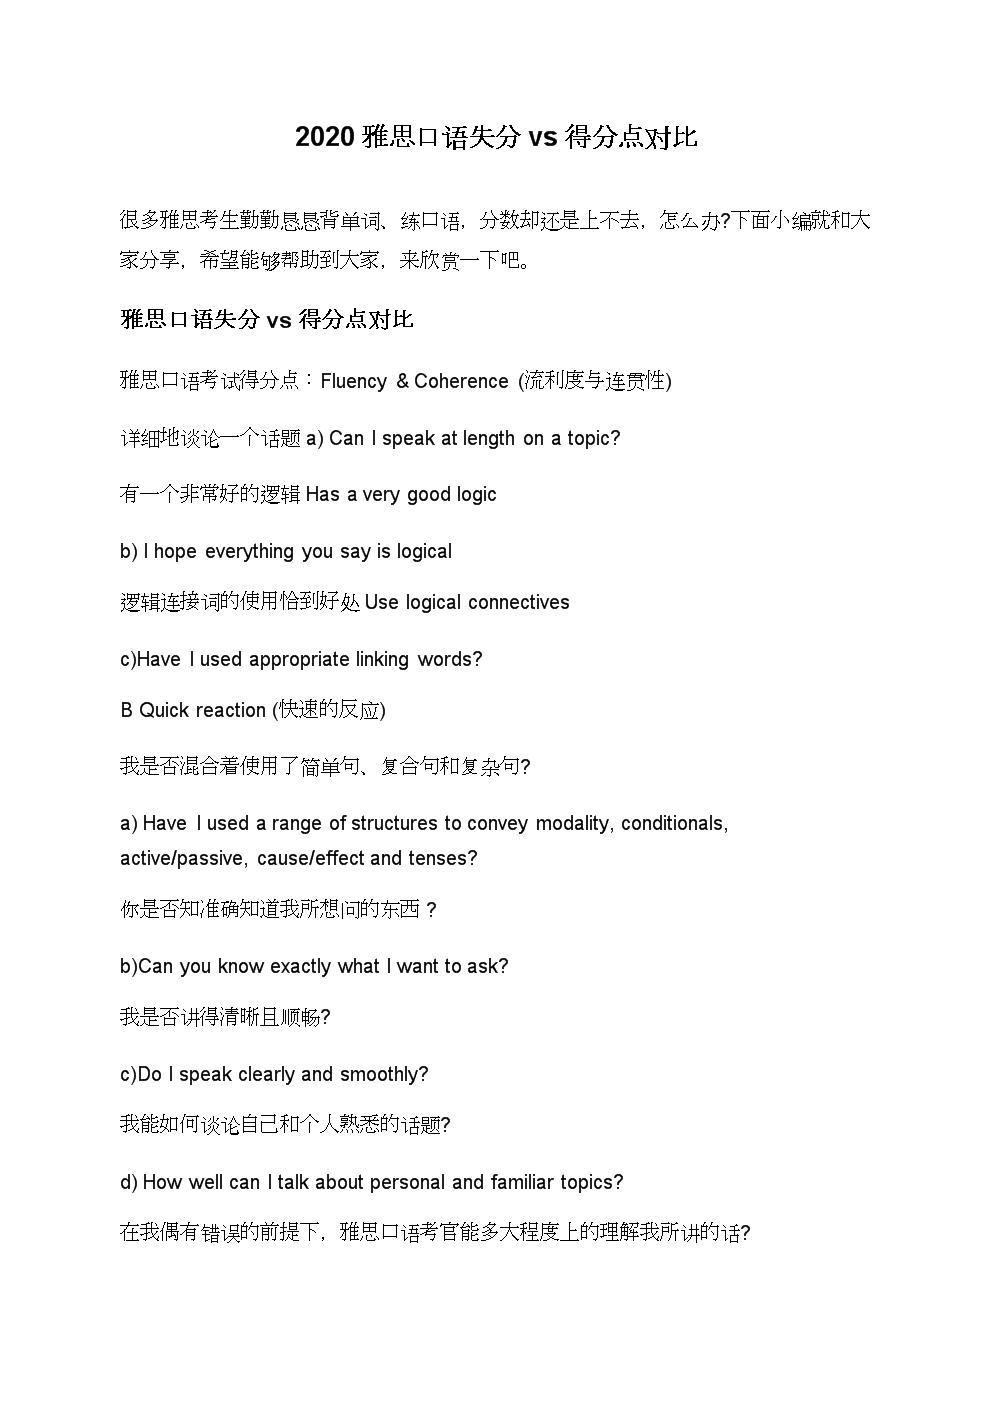 2020雅思口语失分vs得分点对比.doc